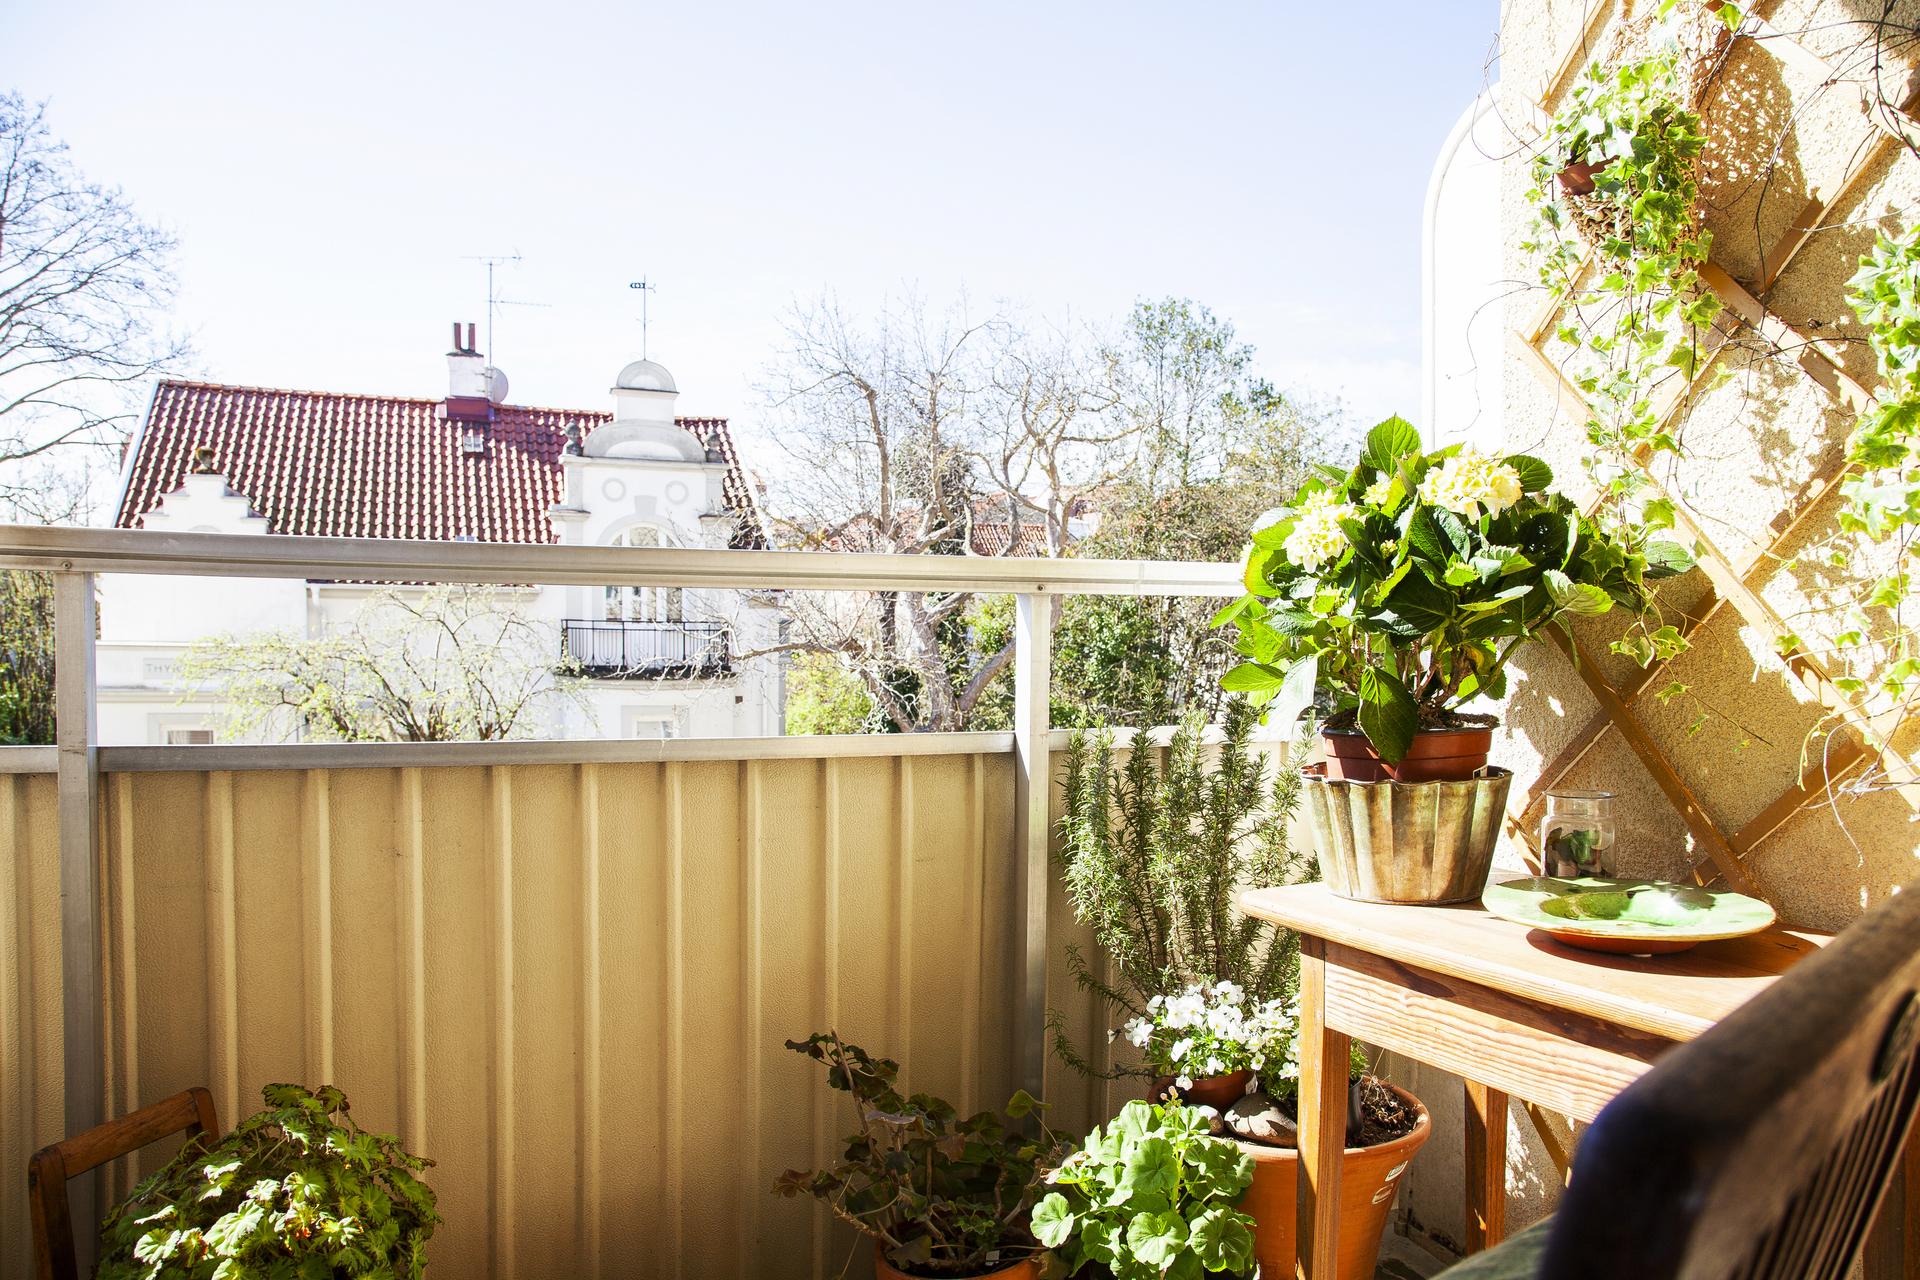 Balkong med utsikt i fritt söderläge över villakvarter